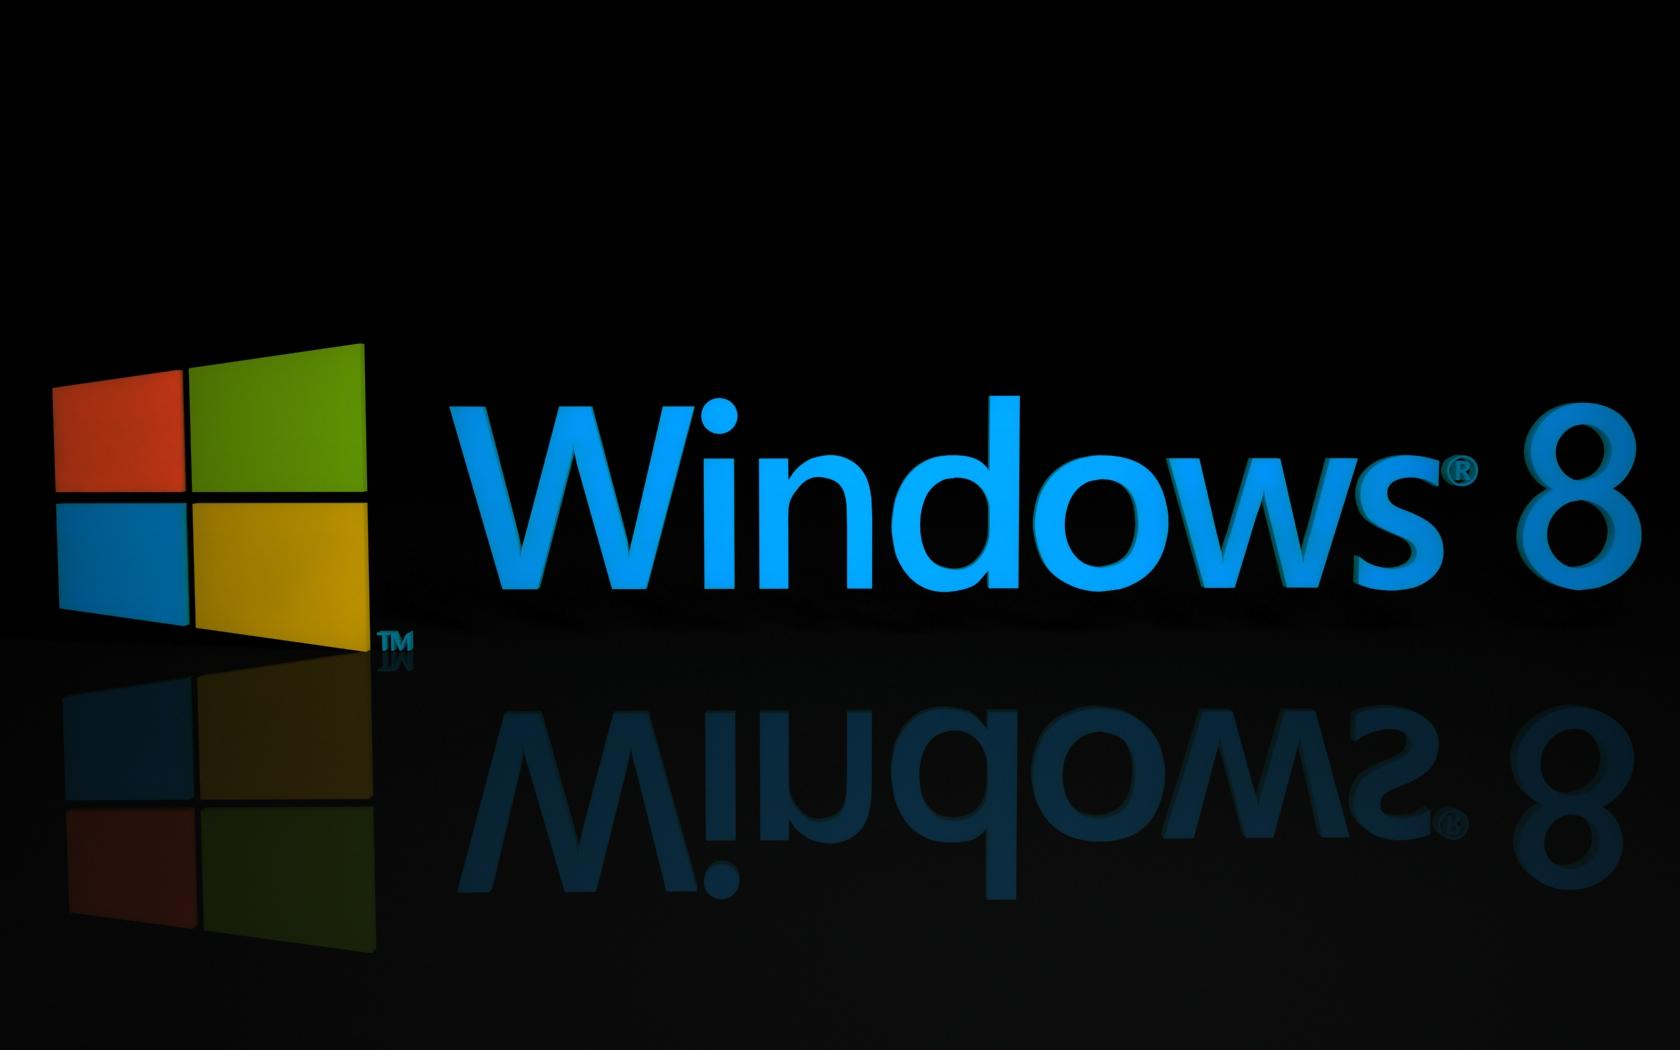 Verunsicherung wegen des Support-Endes von Windows 8